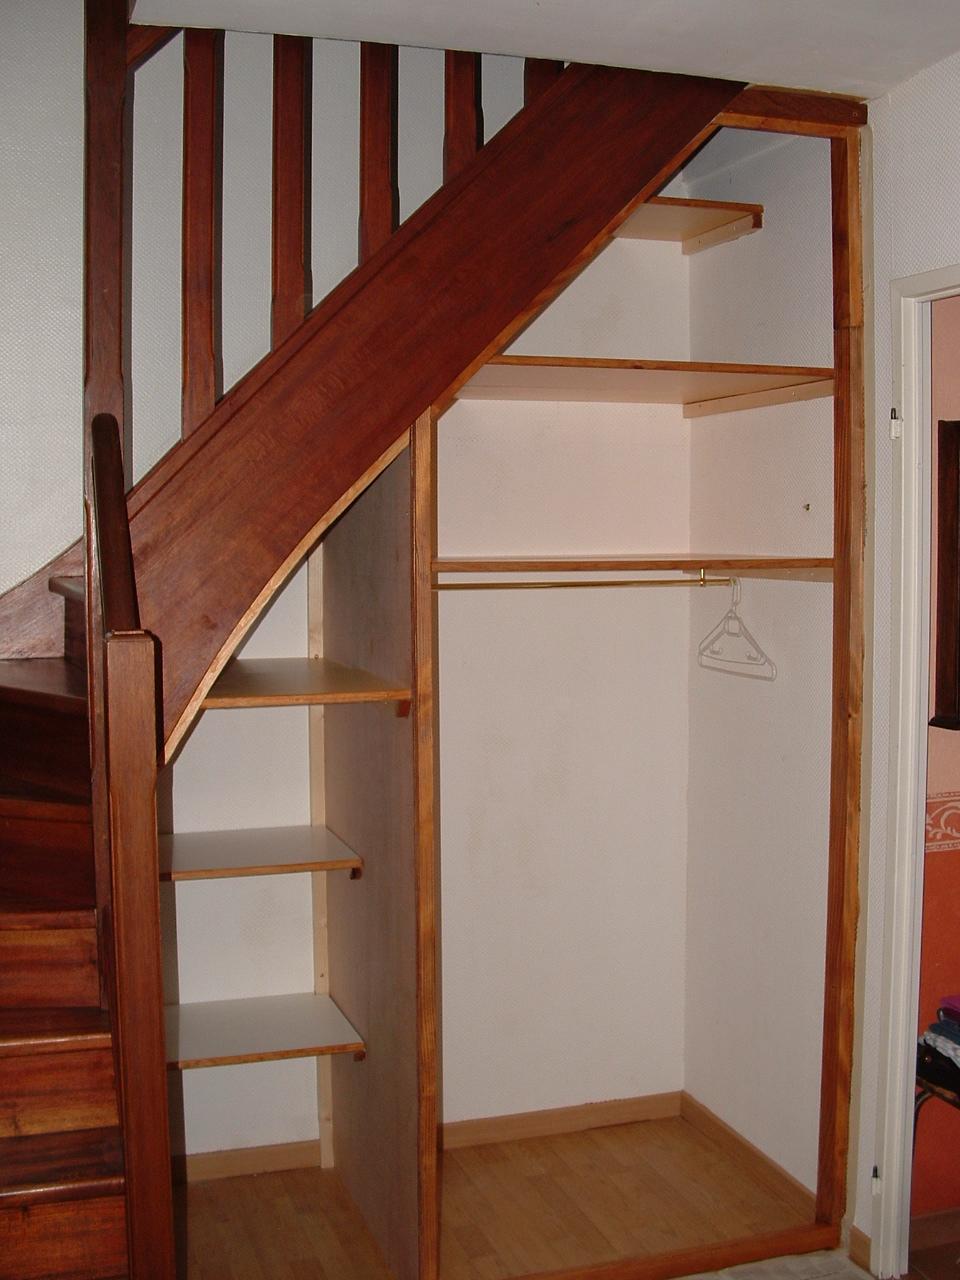 J ai d couvert un amenagement placard sous escalier for Amenagement placard sous escalier